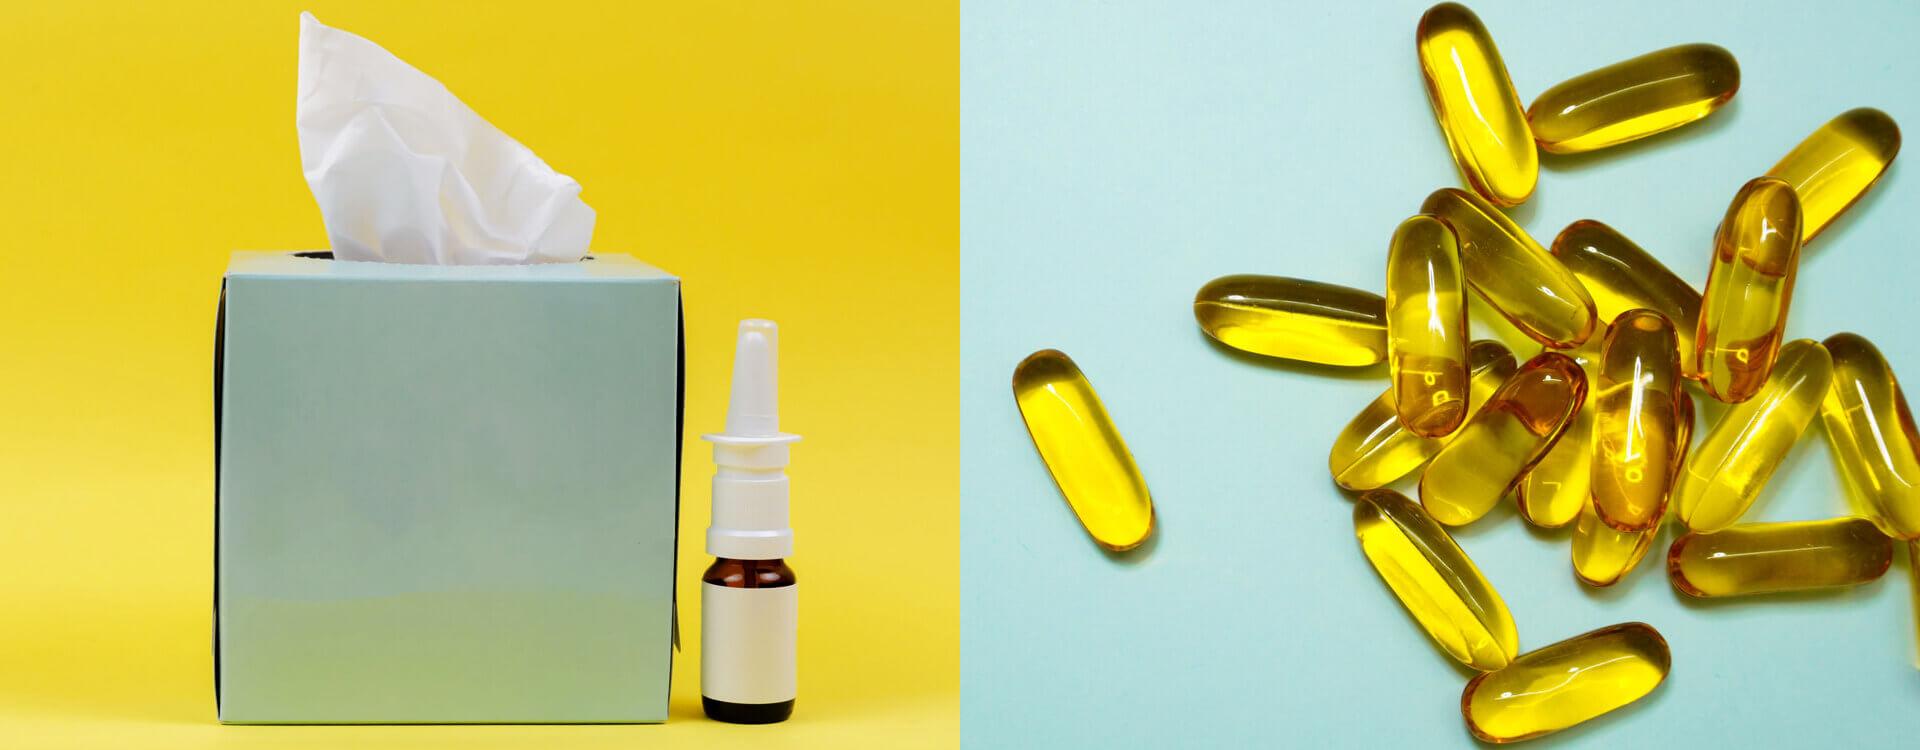 Ilustračný obrázok: CBD a alergie - papierové vreckovky a sprej do nosa a kapsule s obsahom CBD oleja